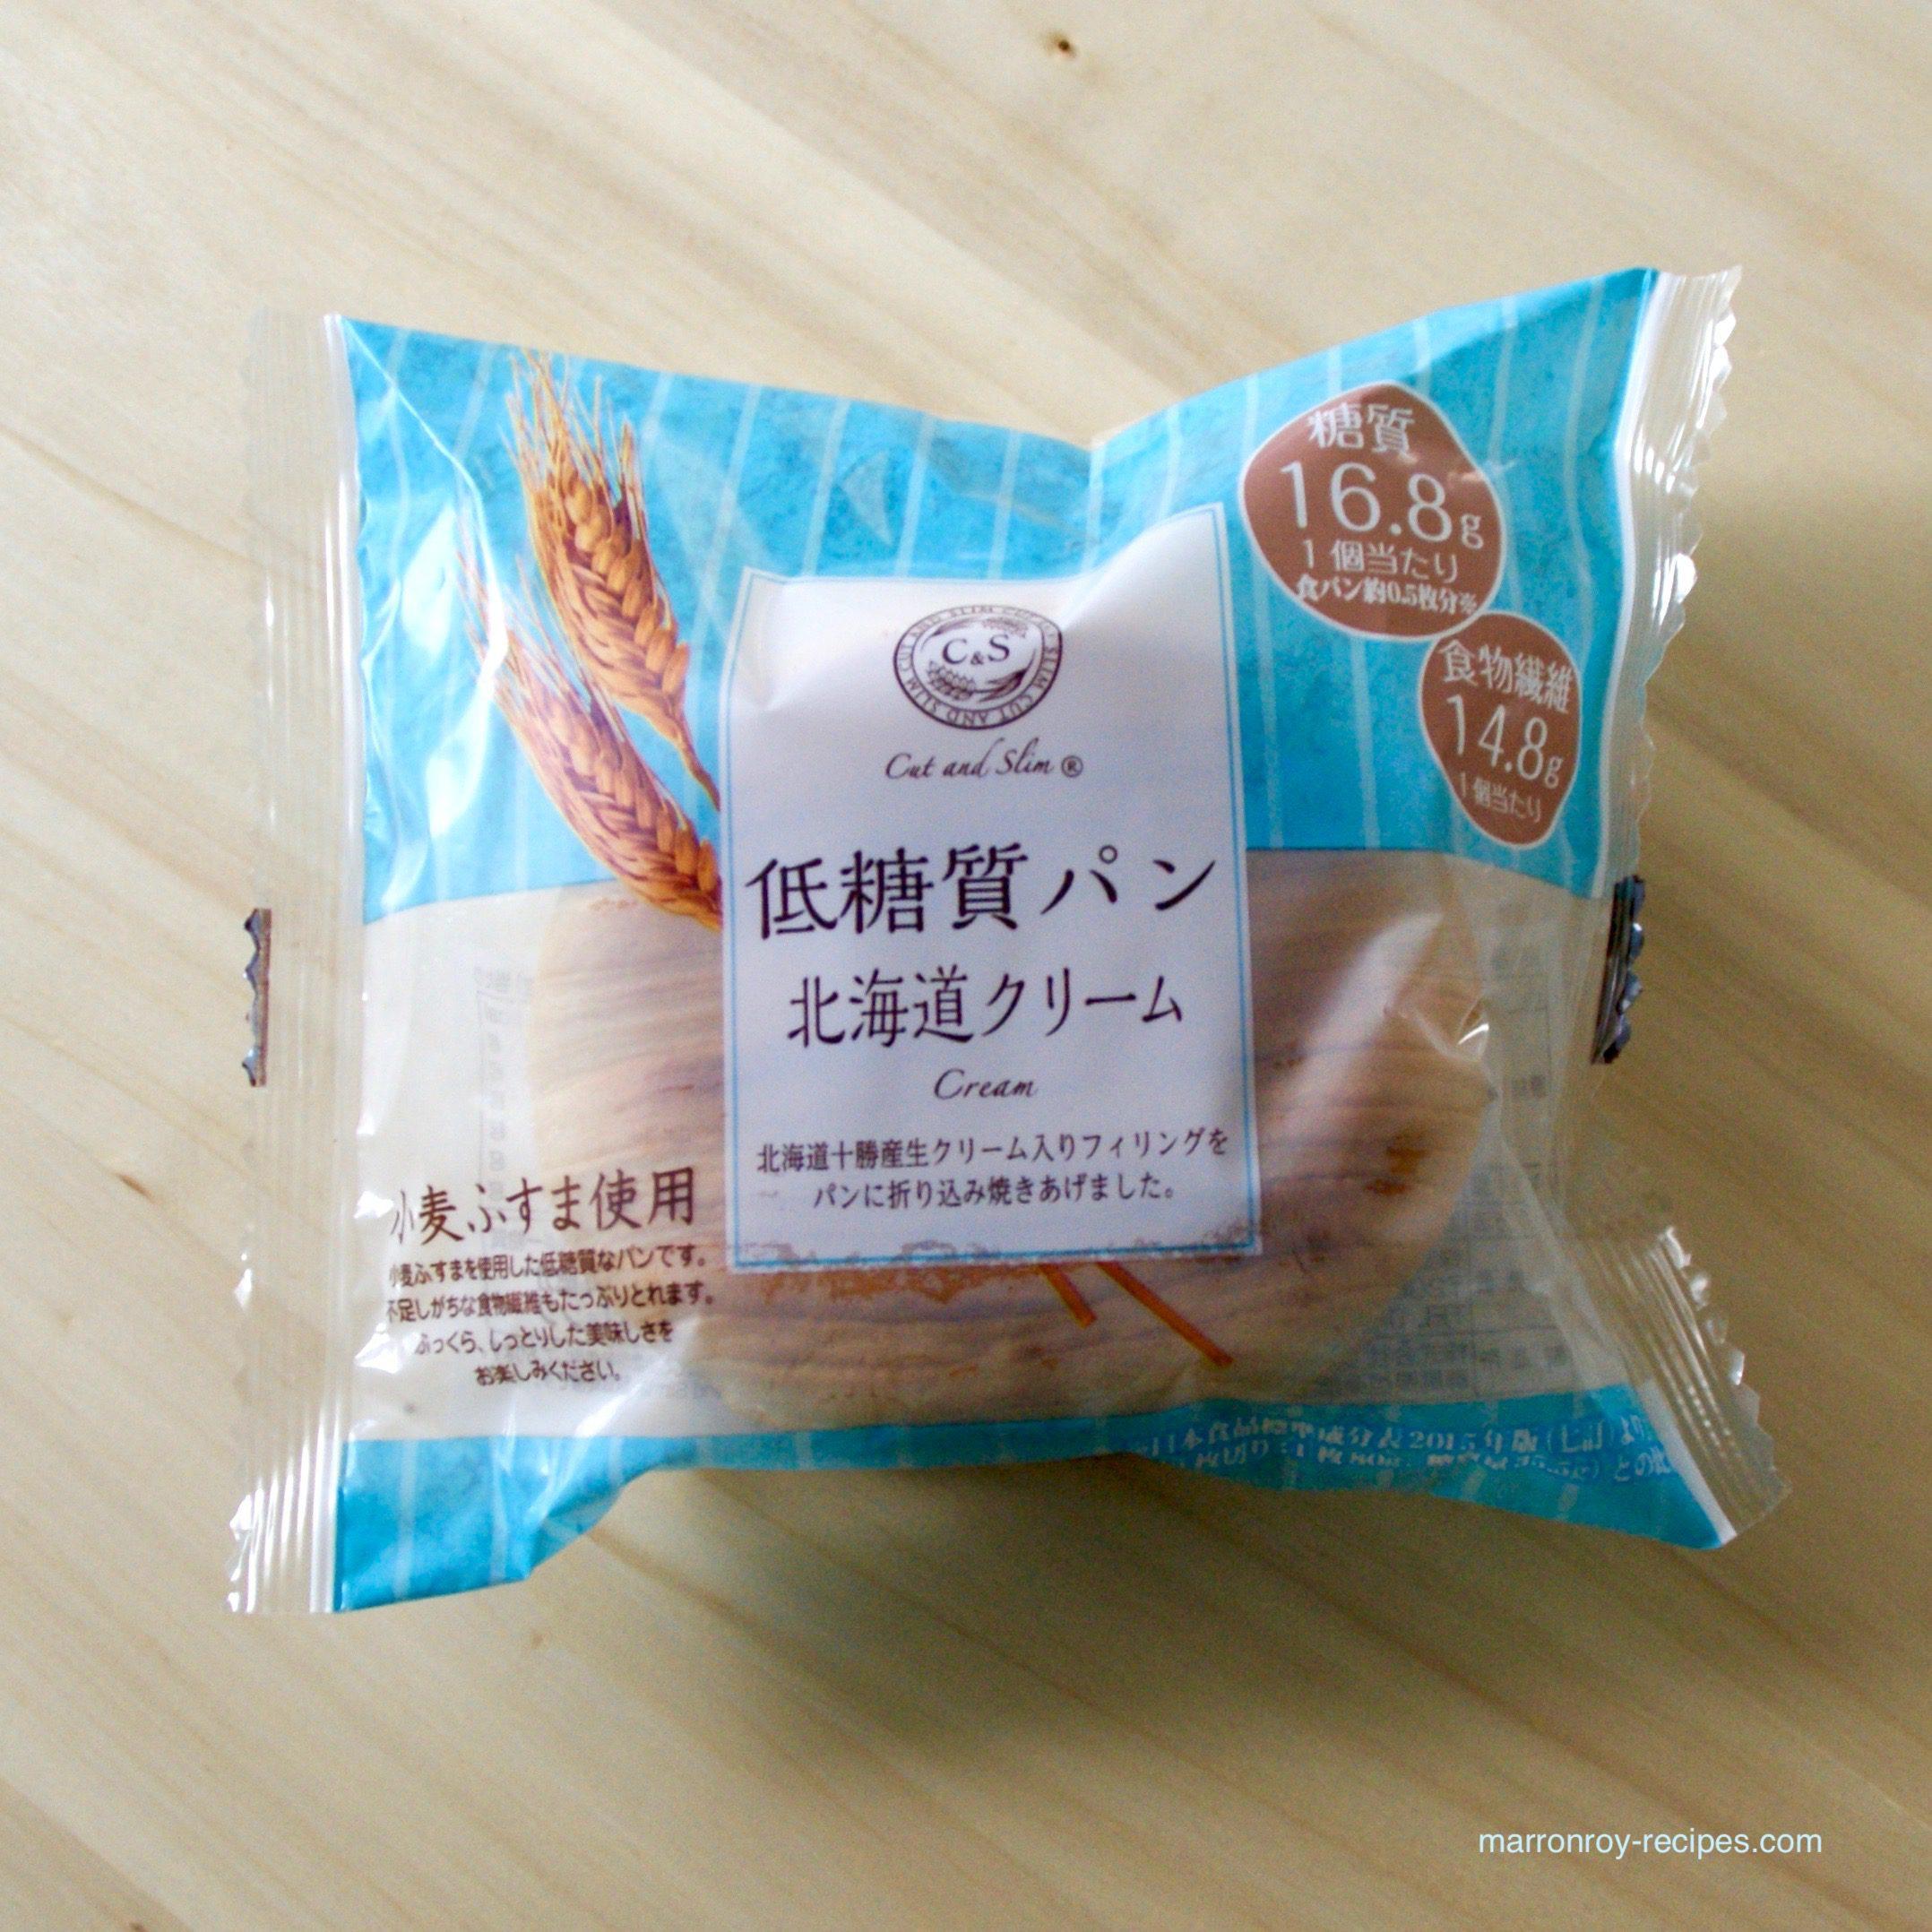 """コストコで購入できる""""低糖質パン 北海道クリーム""""ってどんなパン?"""